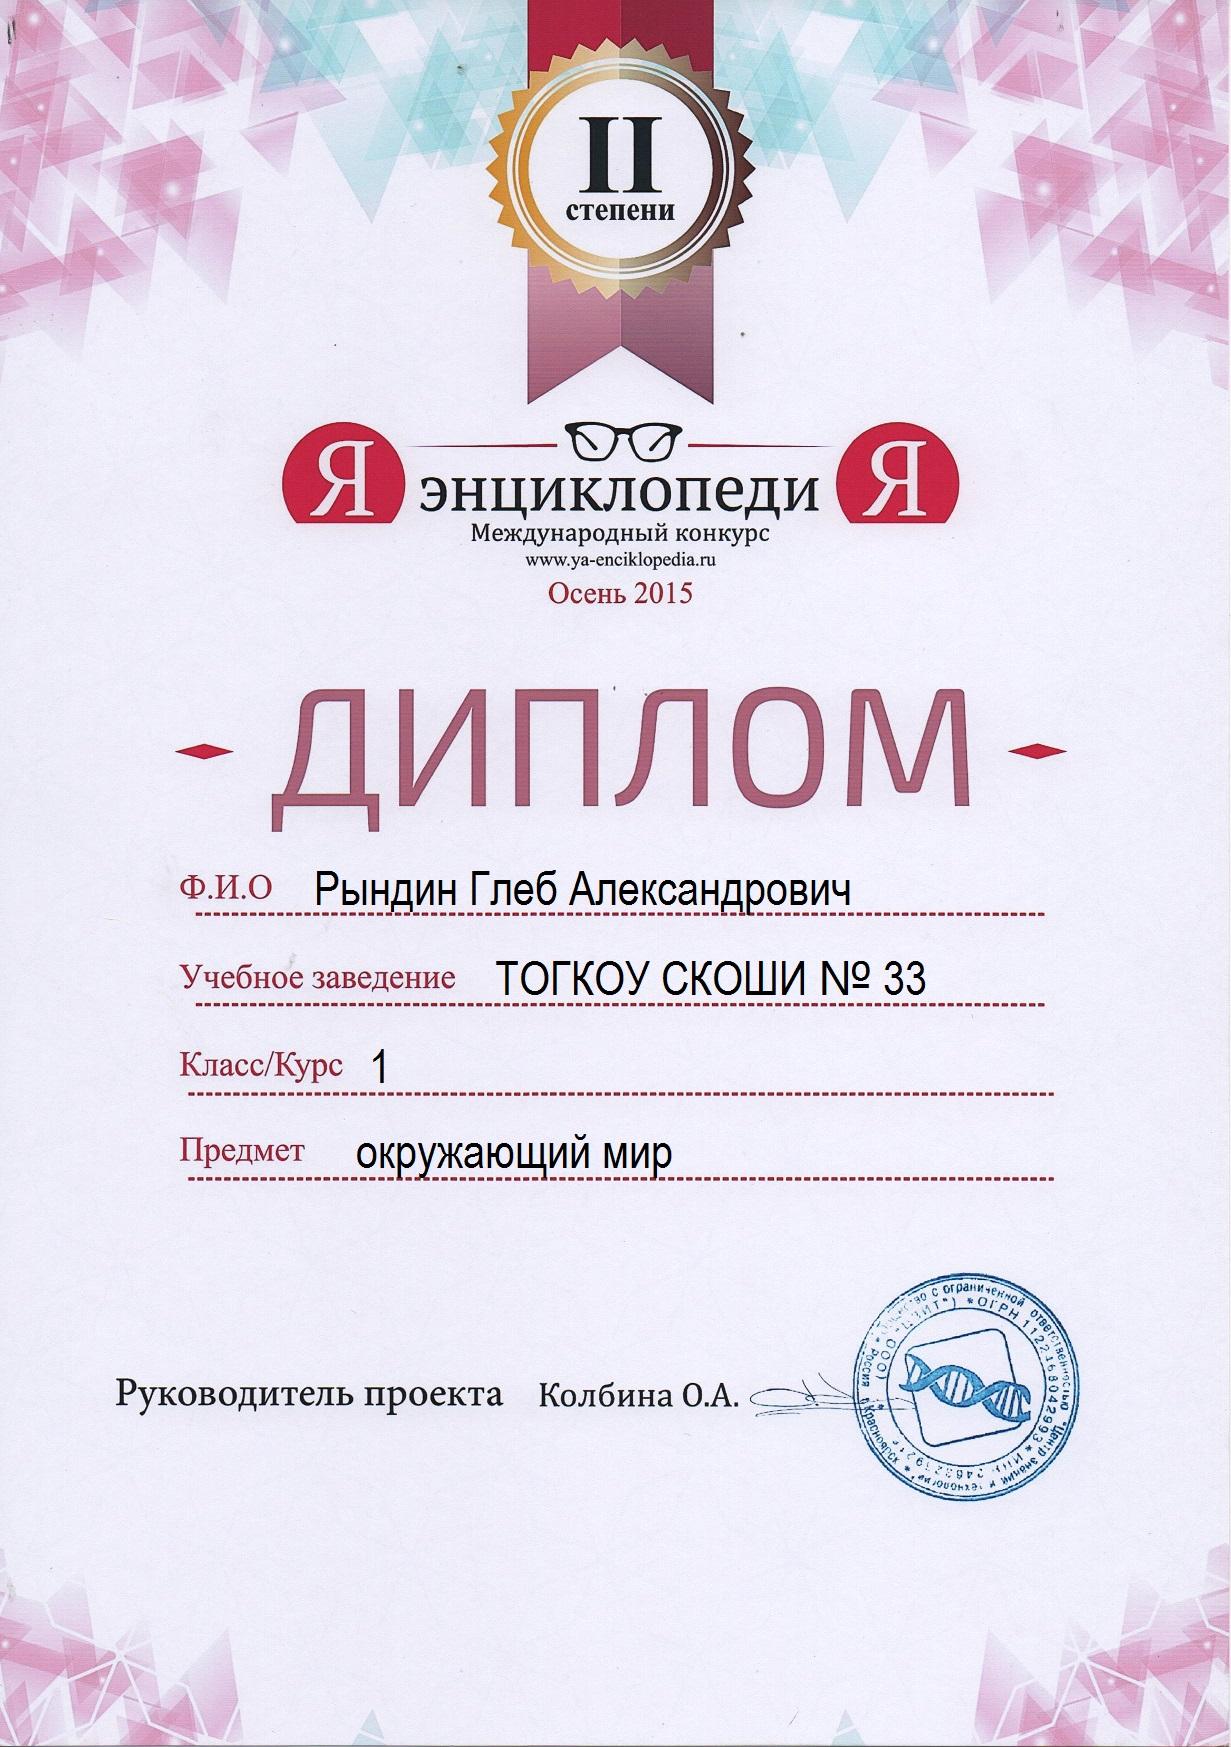 Образец заполнения диплома специалиста  Лукин образец заполнения диплома специалиста 2015 turbo pascal 7 0 диплом об образовании Такие пожелания всегда противоречивы Вот она заветная мечта он